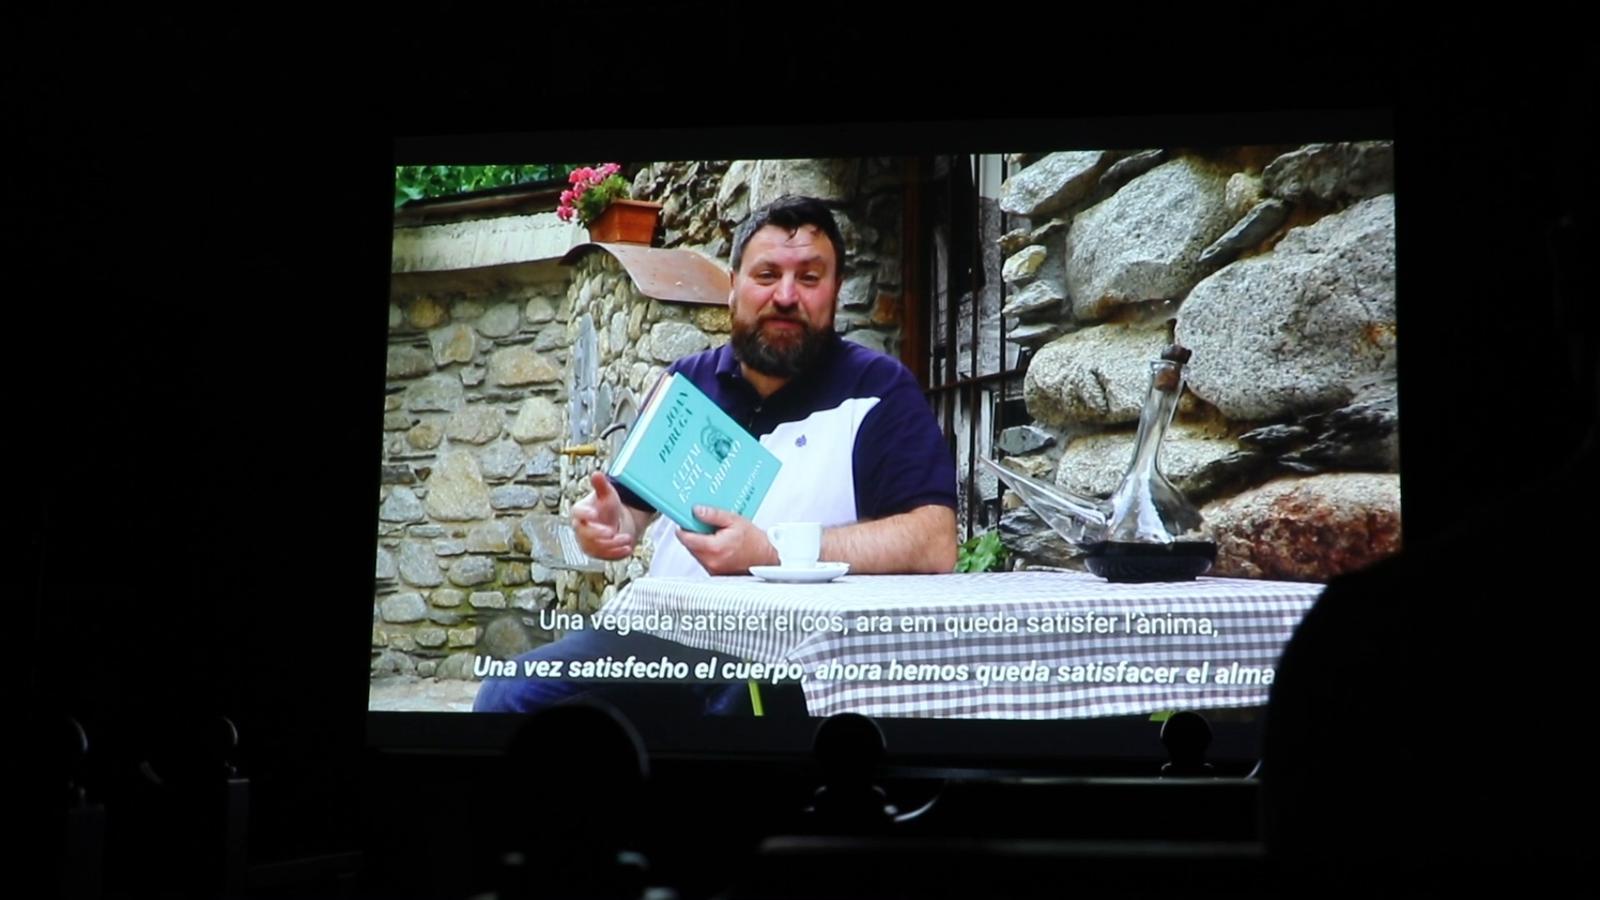 Un dels quatre vídeos que s'han projectat aquest dimecres a Casa Cristo. / E.C. (ANA)